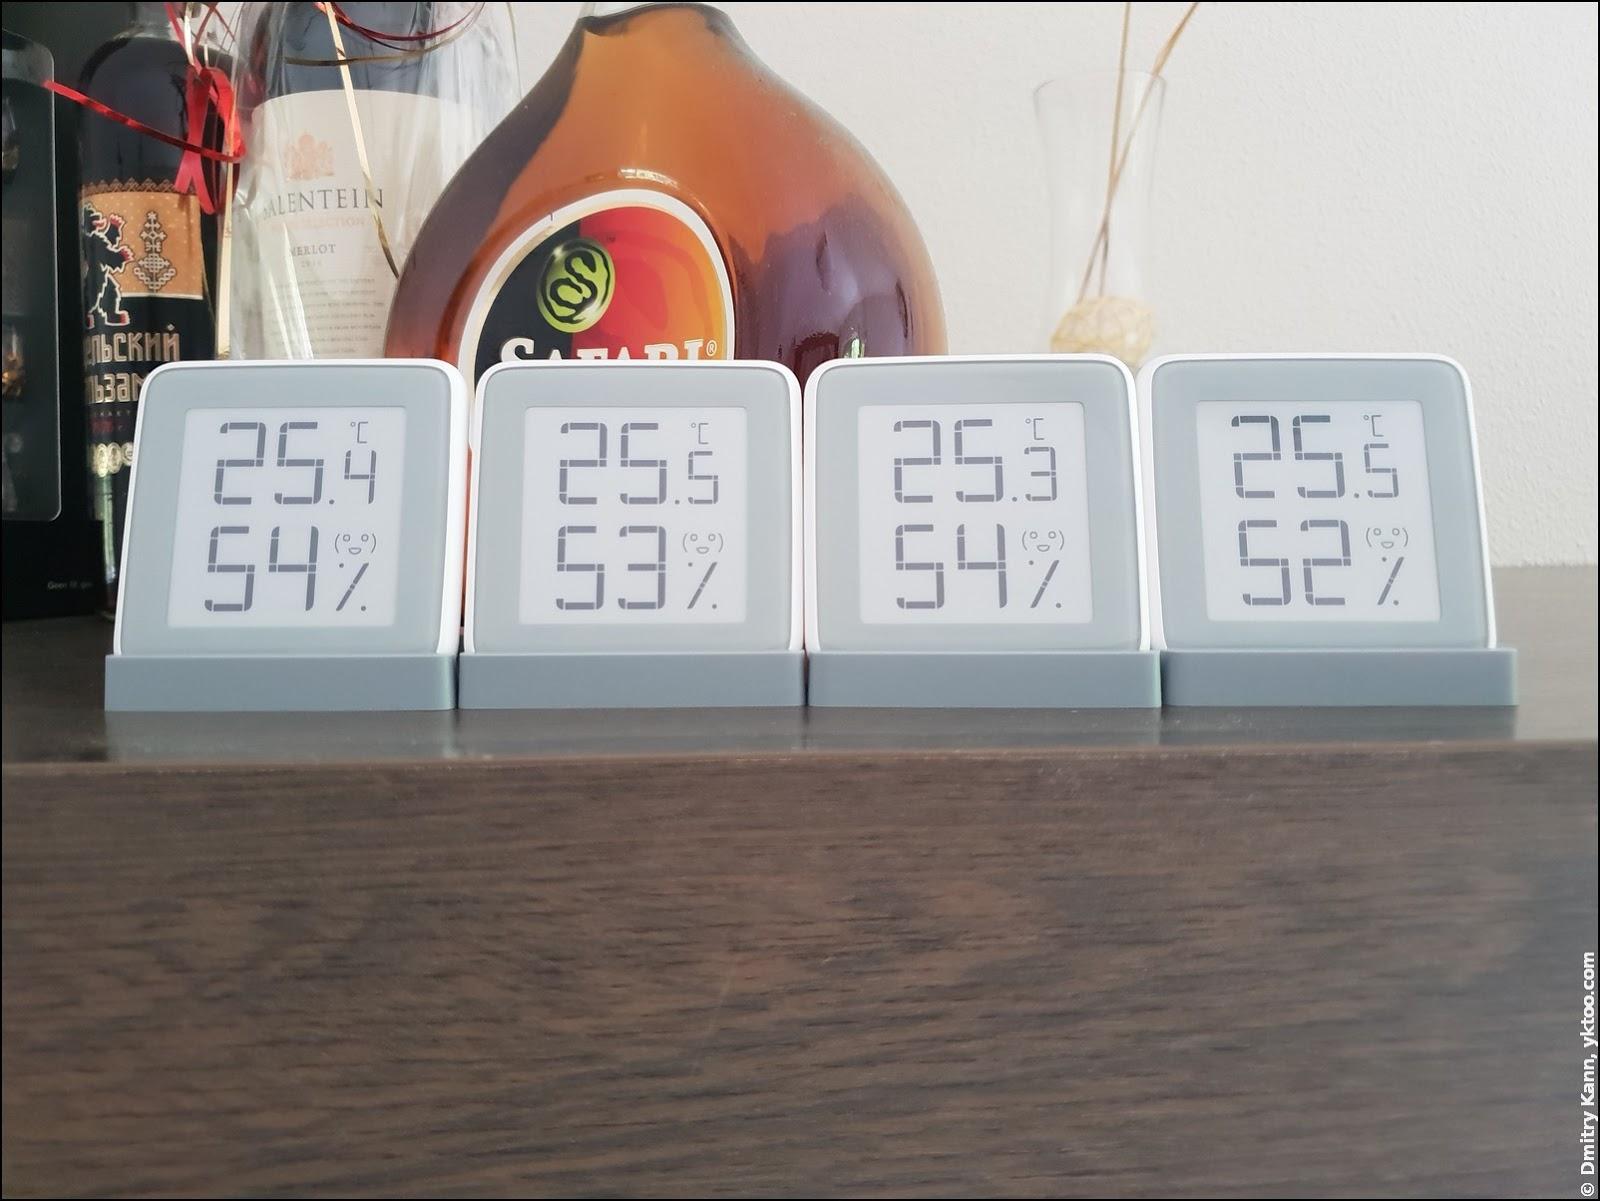 Показания четырёх термометров почти одинаковые.